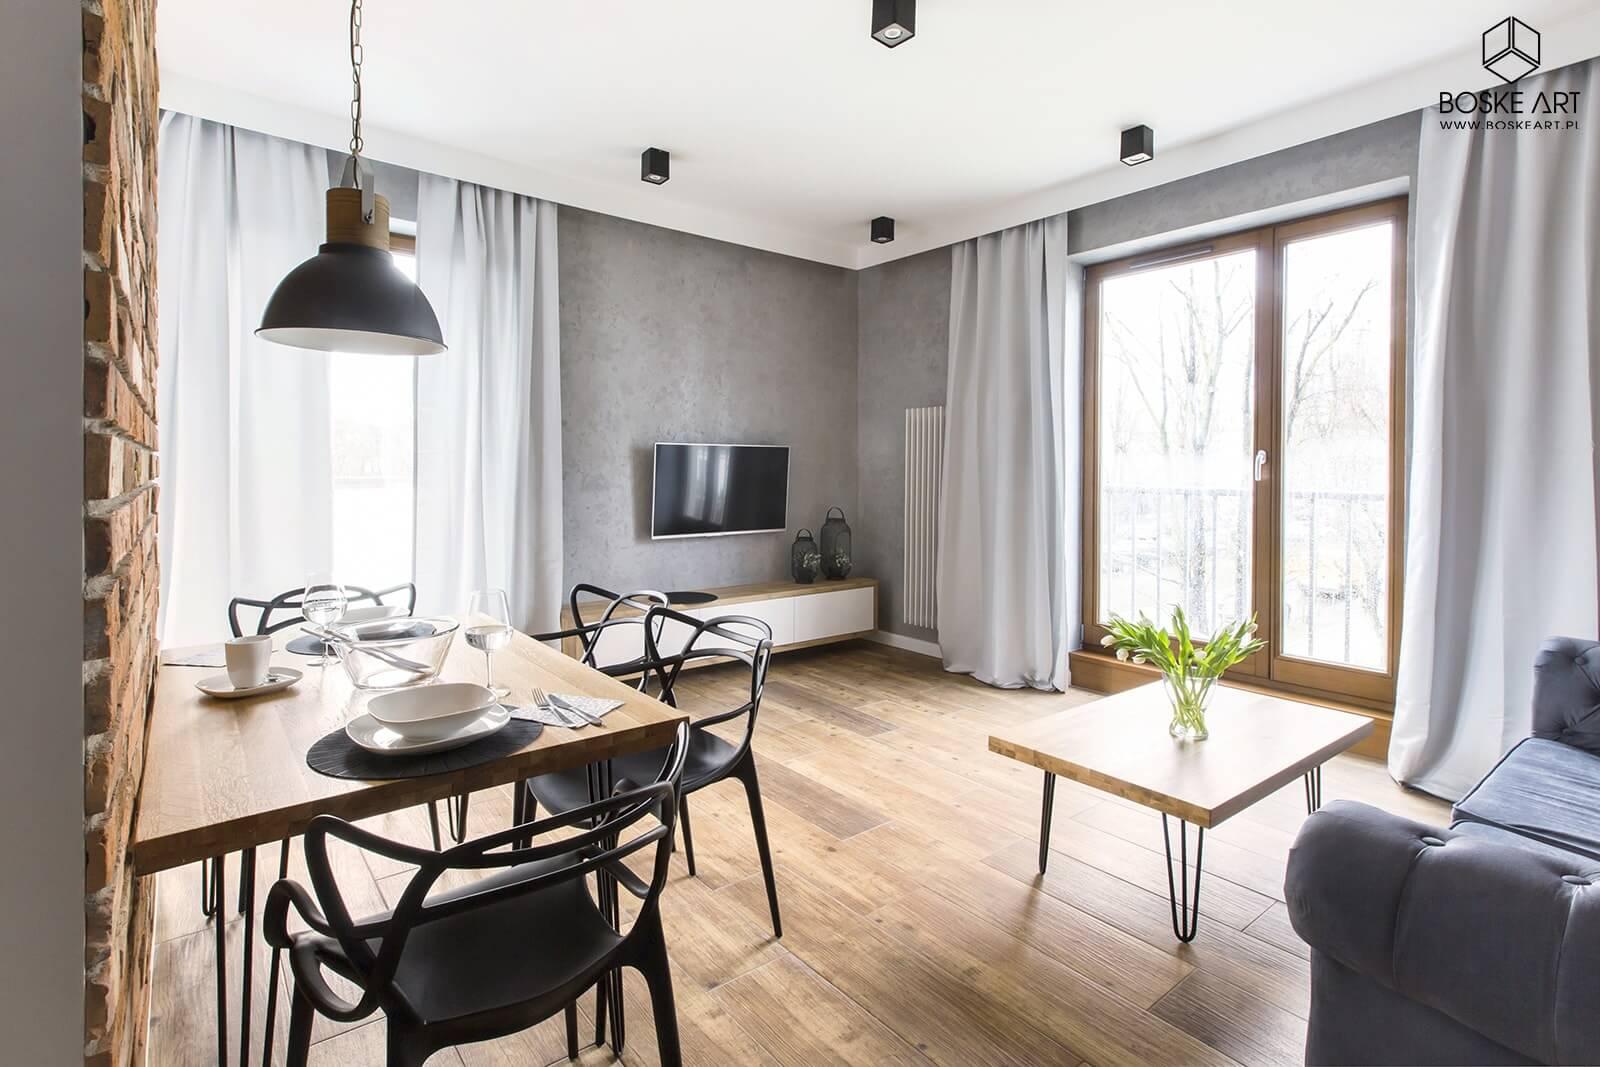 10_apartamenty_na_wynajem_poznan_boske_art_projektowanie_aranzacja_architektura_wnetrz_natalia_robaszkeiwicz-min